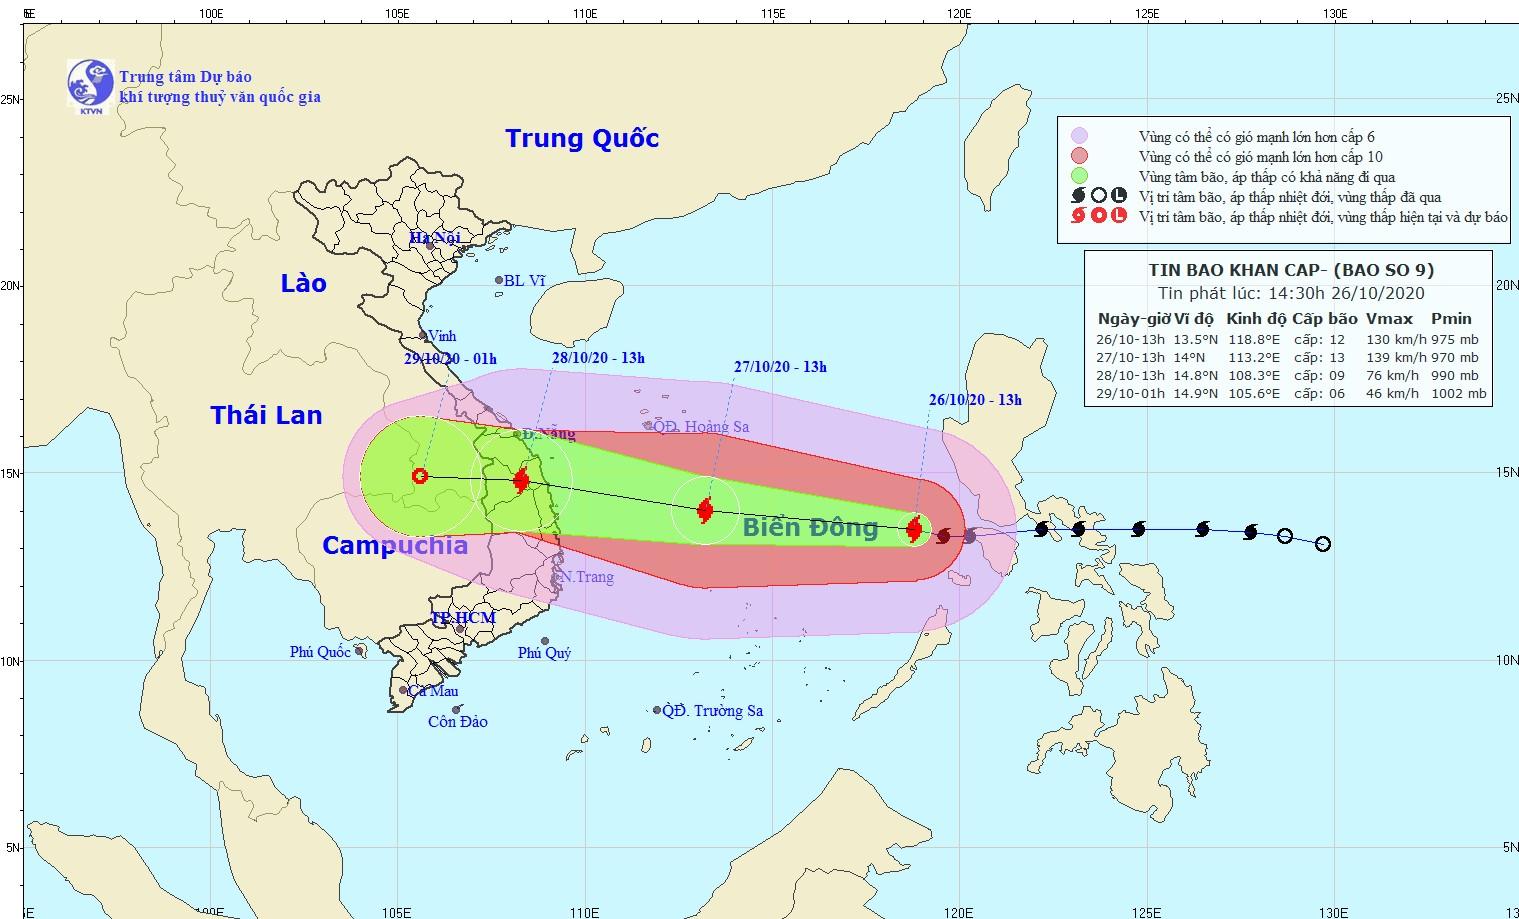 Tin bão khẩn cấp (Cơn bão số 9 - Molave)